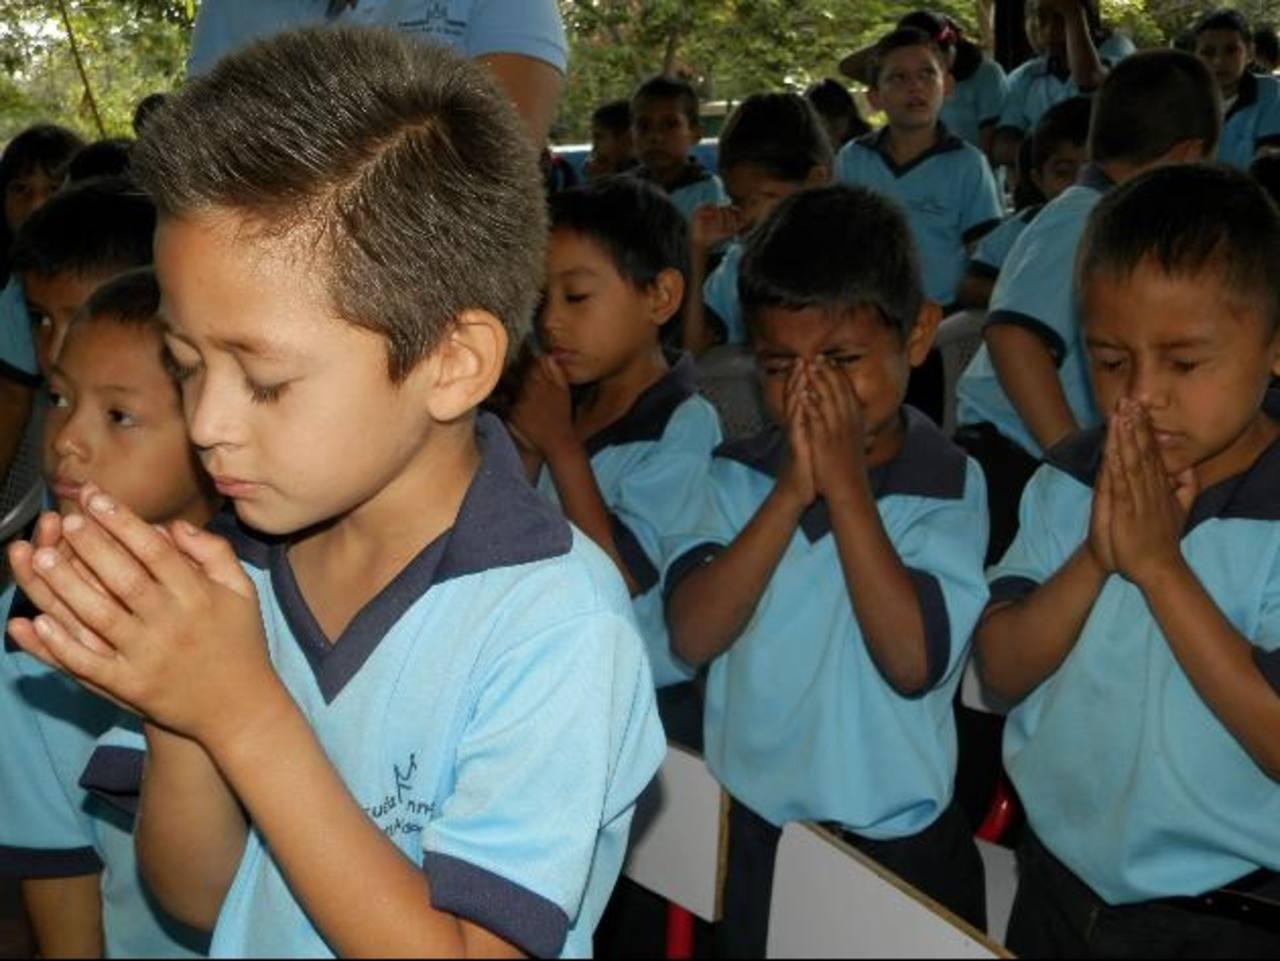 Los alumnos de la escuela también reciben principios religiosos. foto edh / MILTON JACO